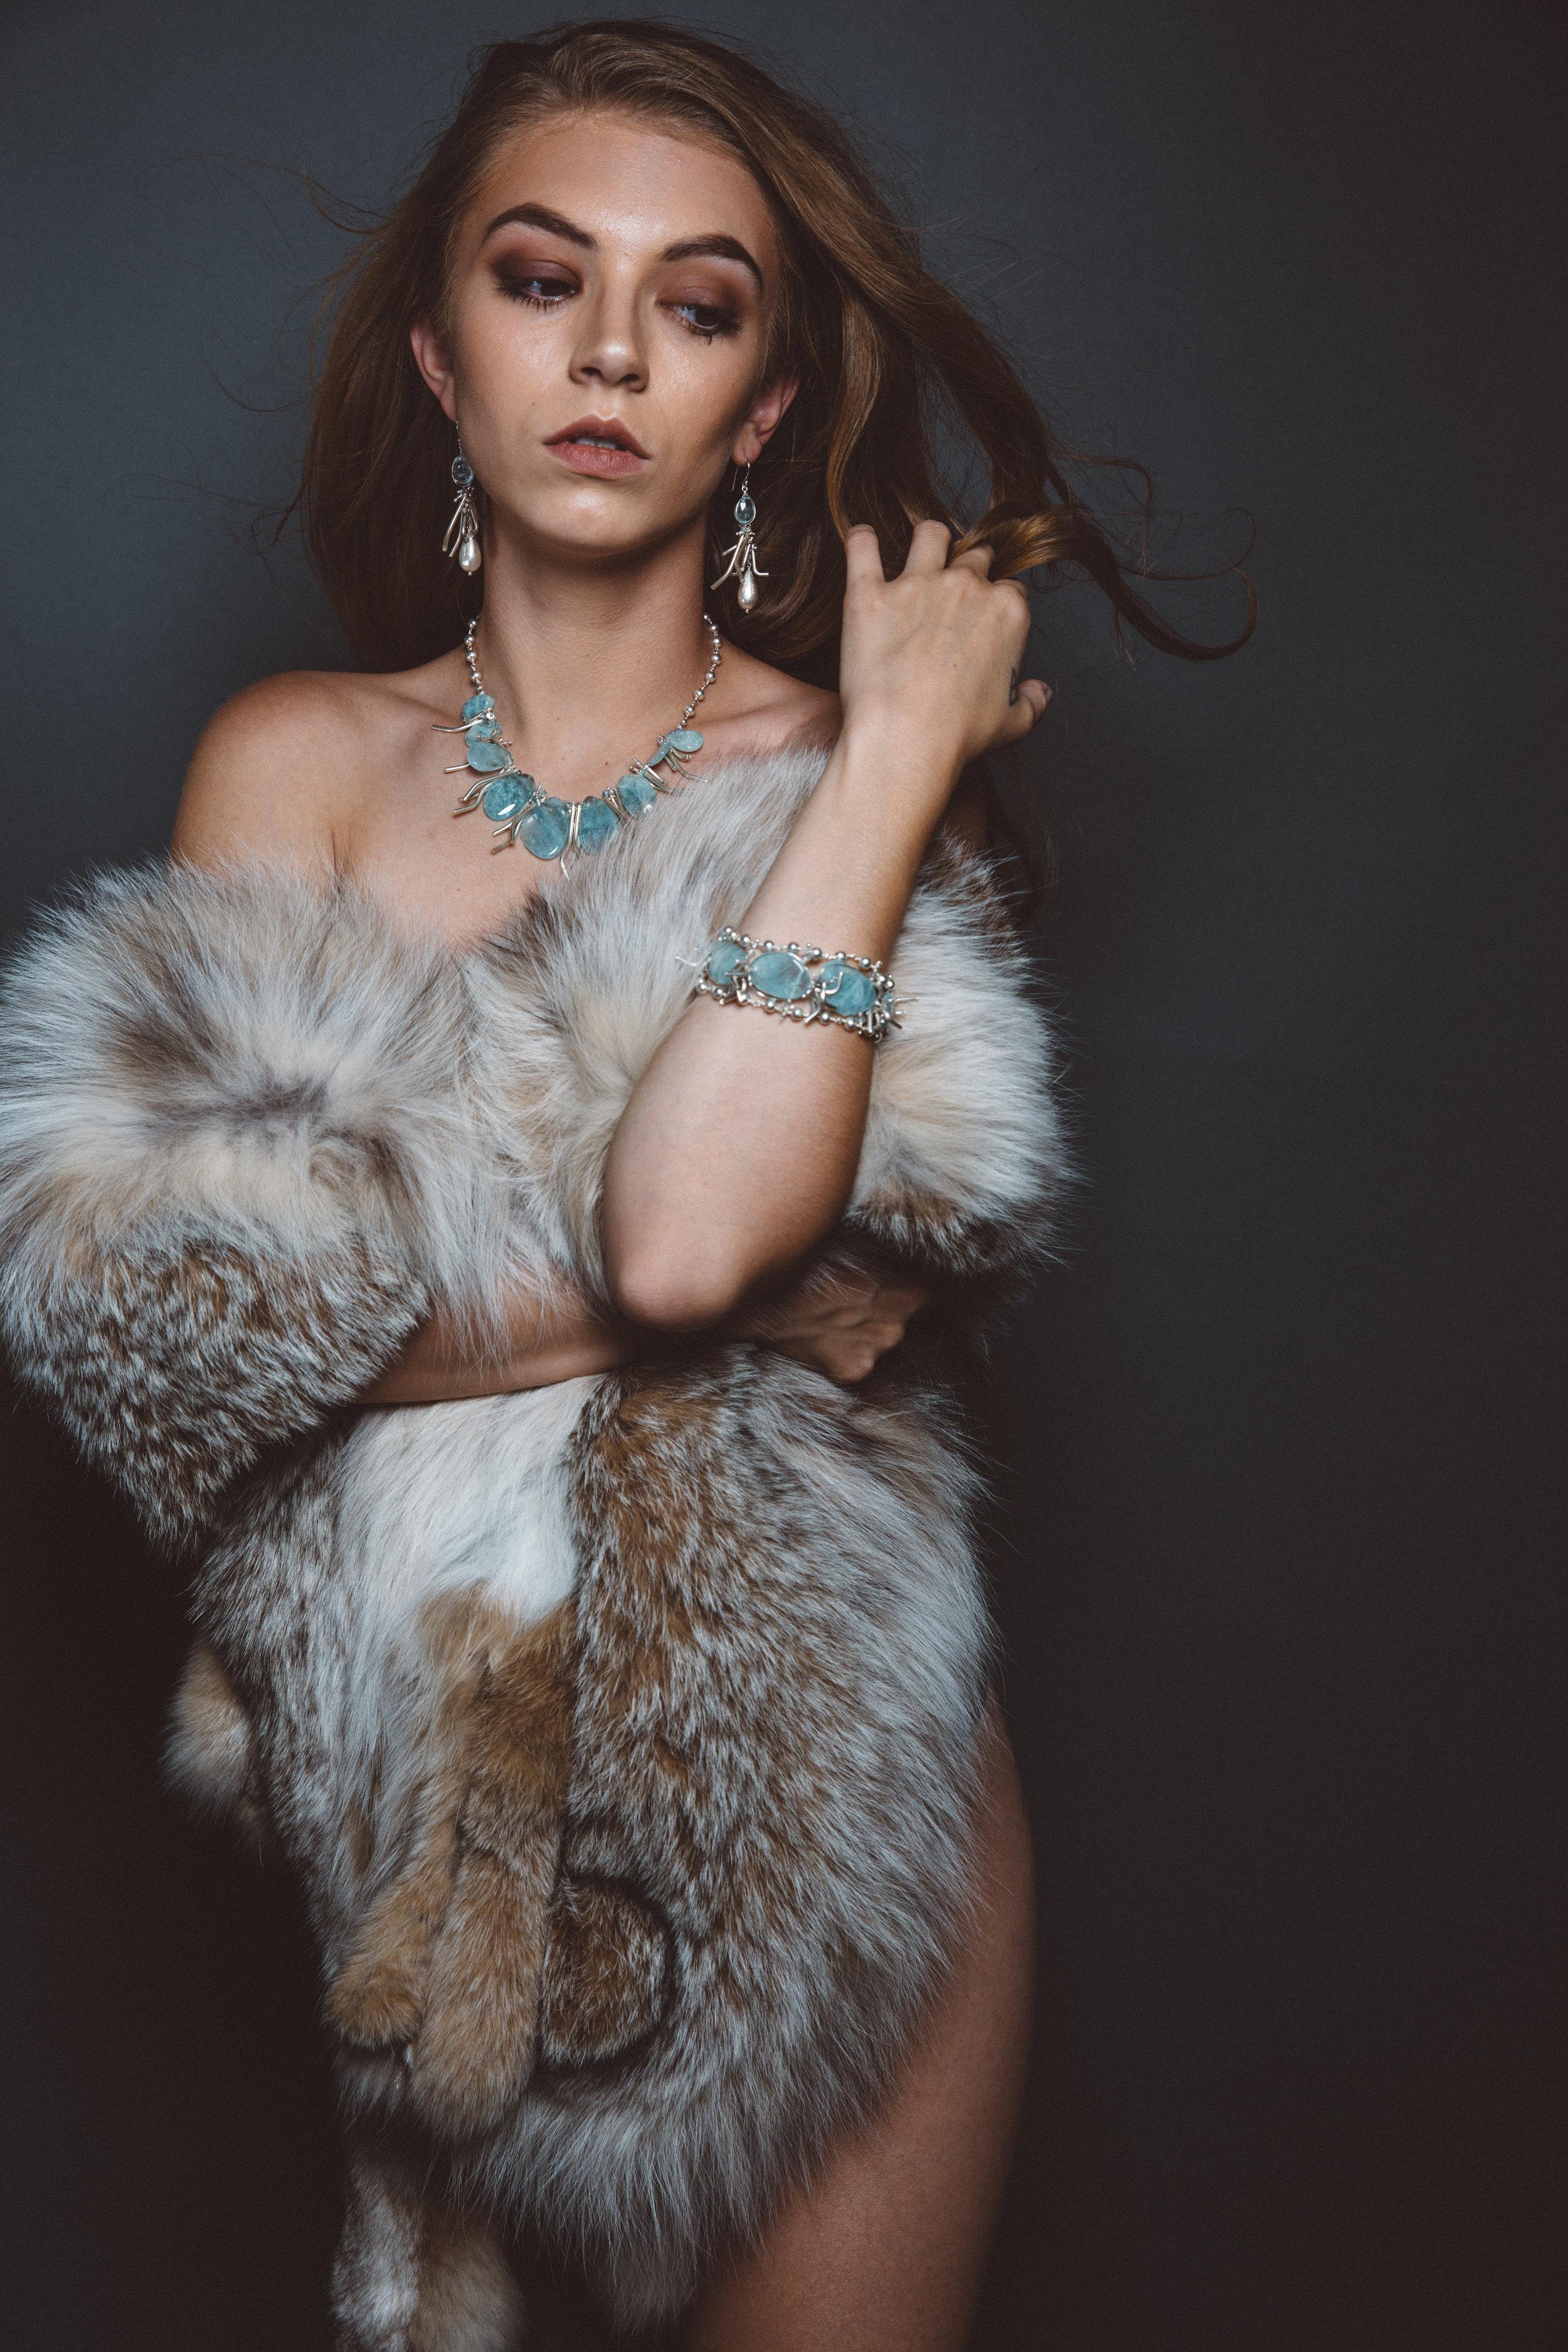 model wearing aquamarine bracelet